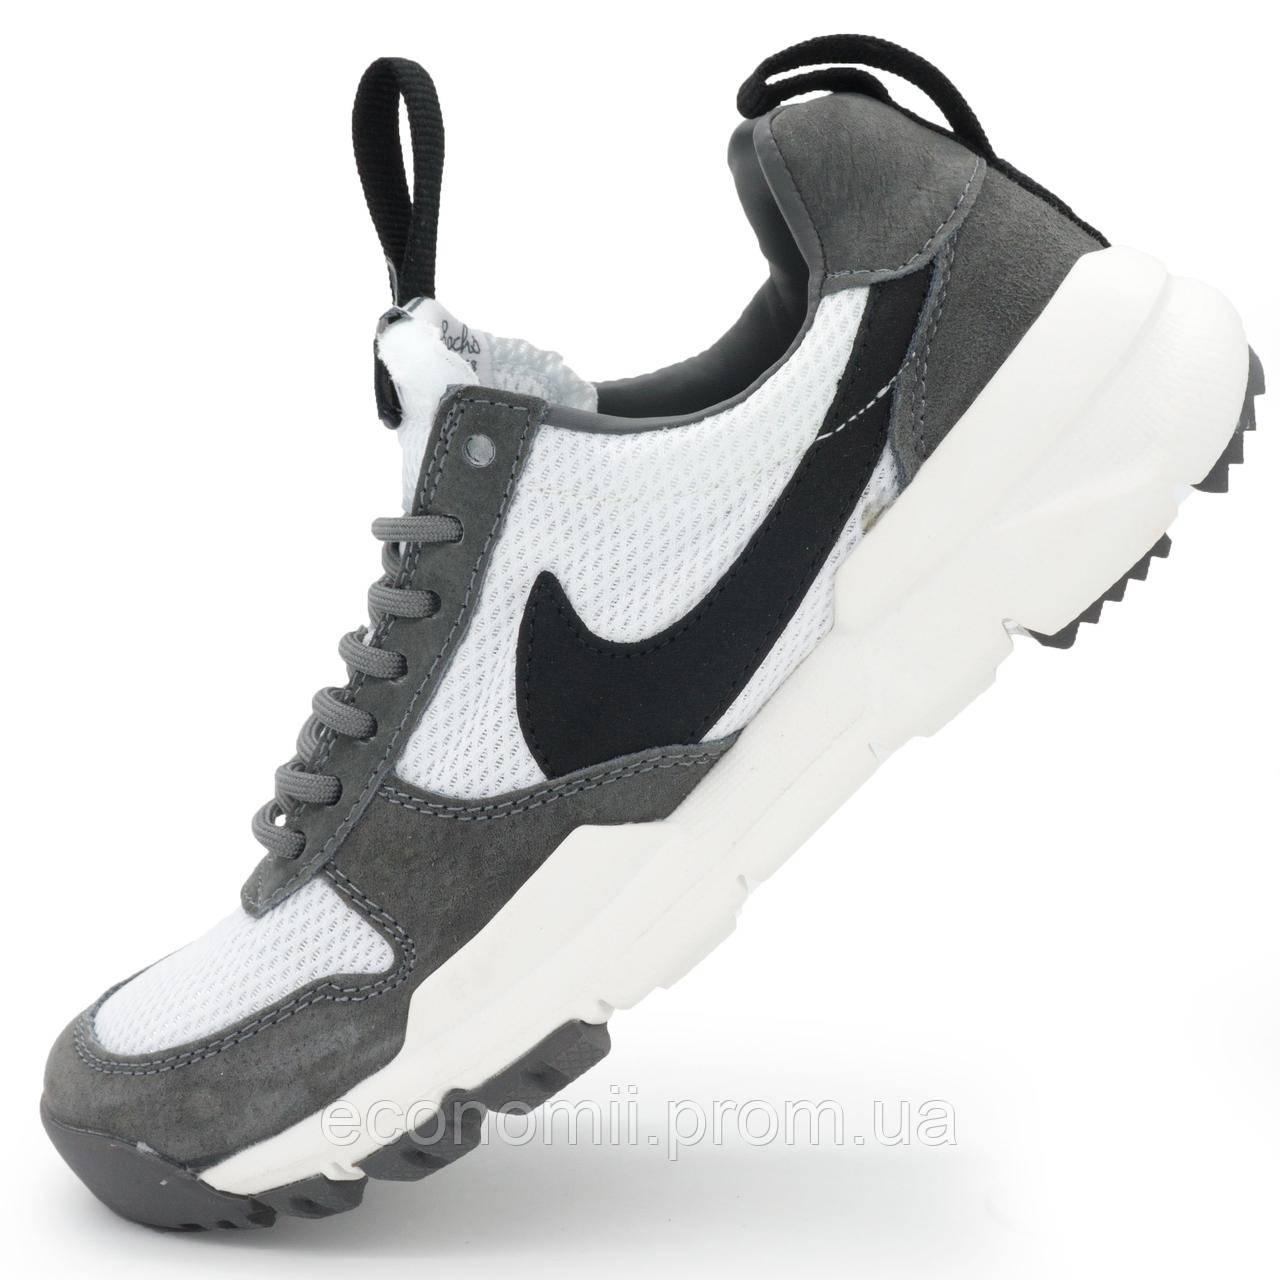 Мужские кроссовки для бега Nike Mars Yard 2.0 серые. Топ качество! р.(41, 43, 44)